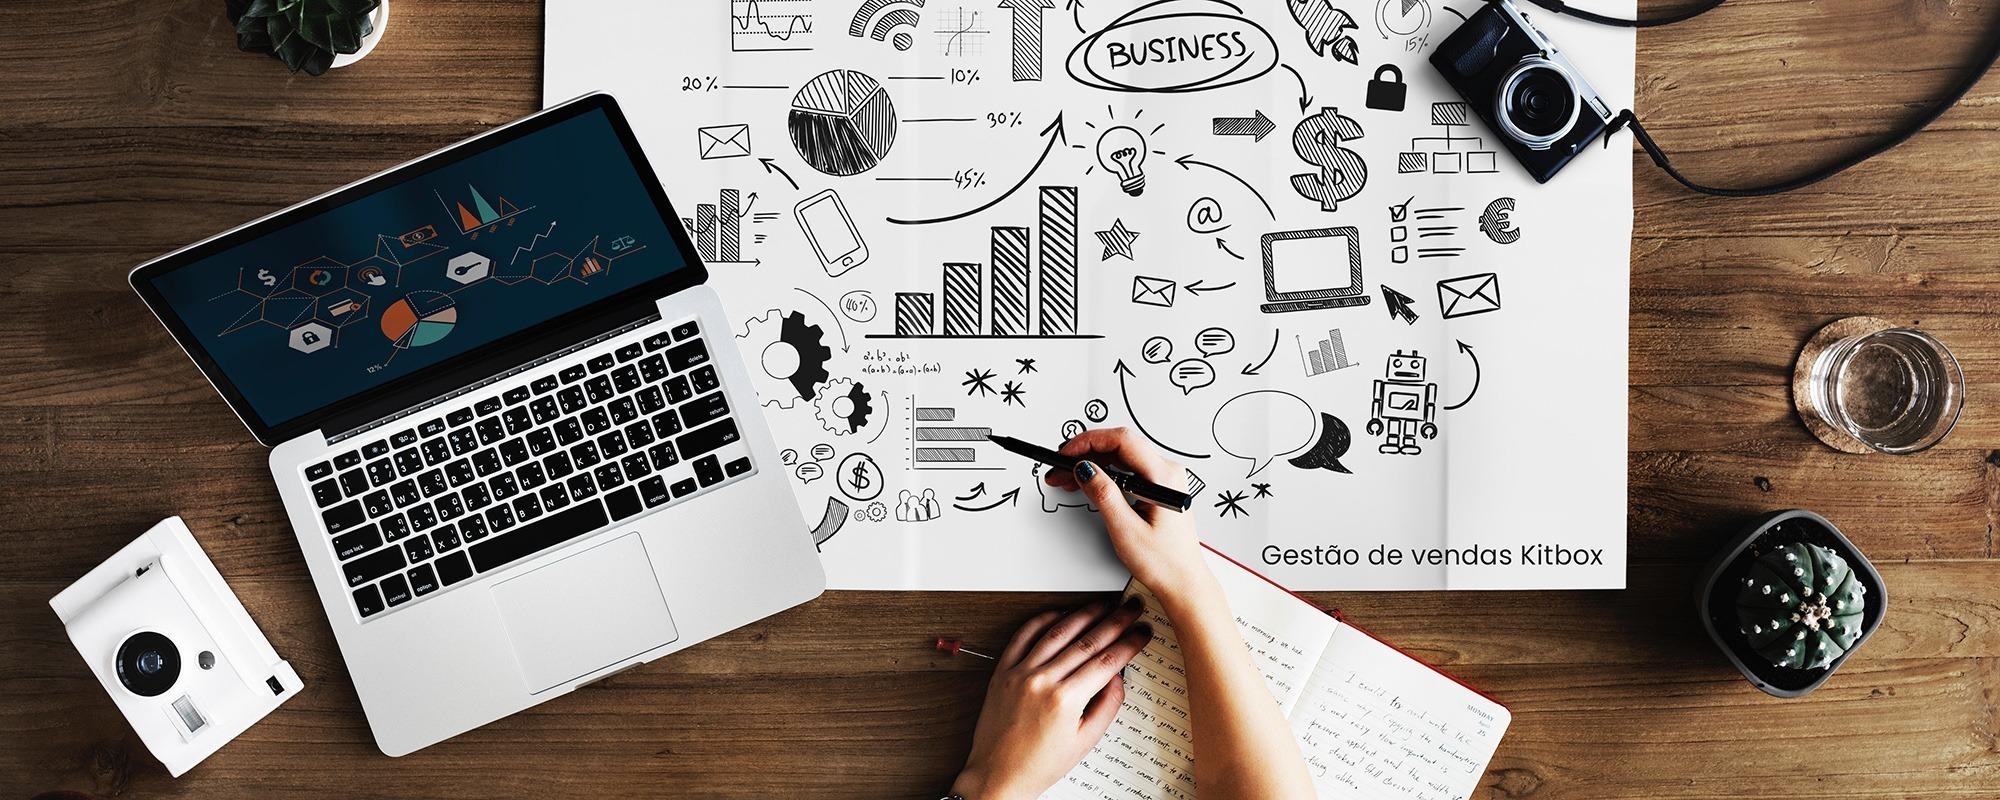 O que é Gestão de vendas e como funciona?